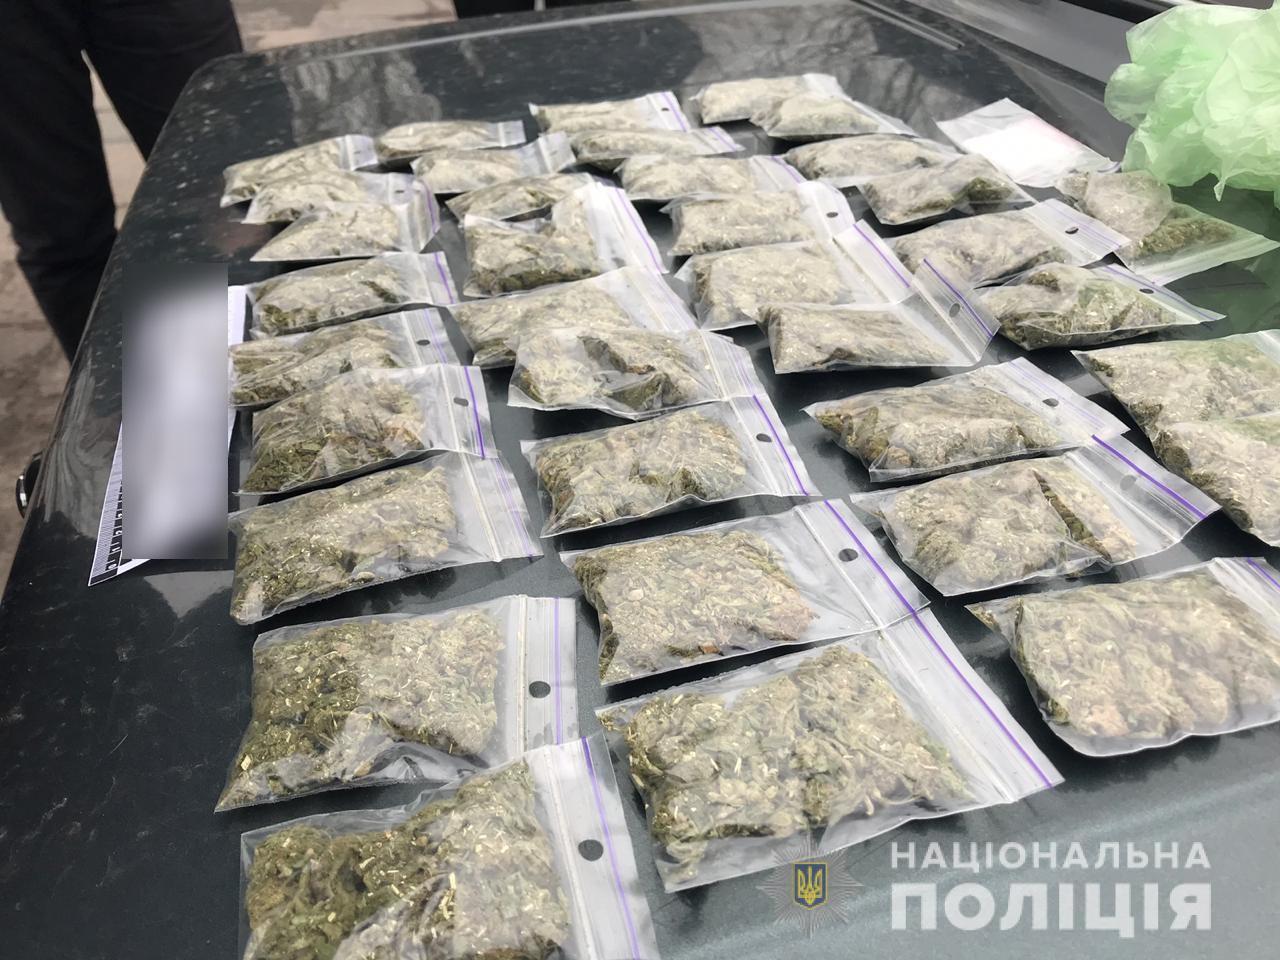 Канабіс на 40 тисяч гривень: в Ірпені безробітний продавав наркотичне зілля